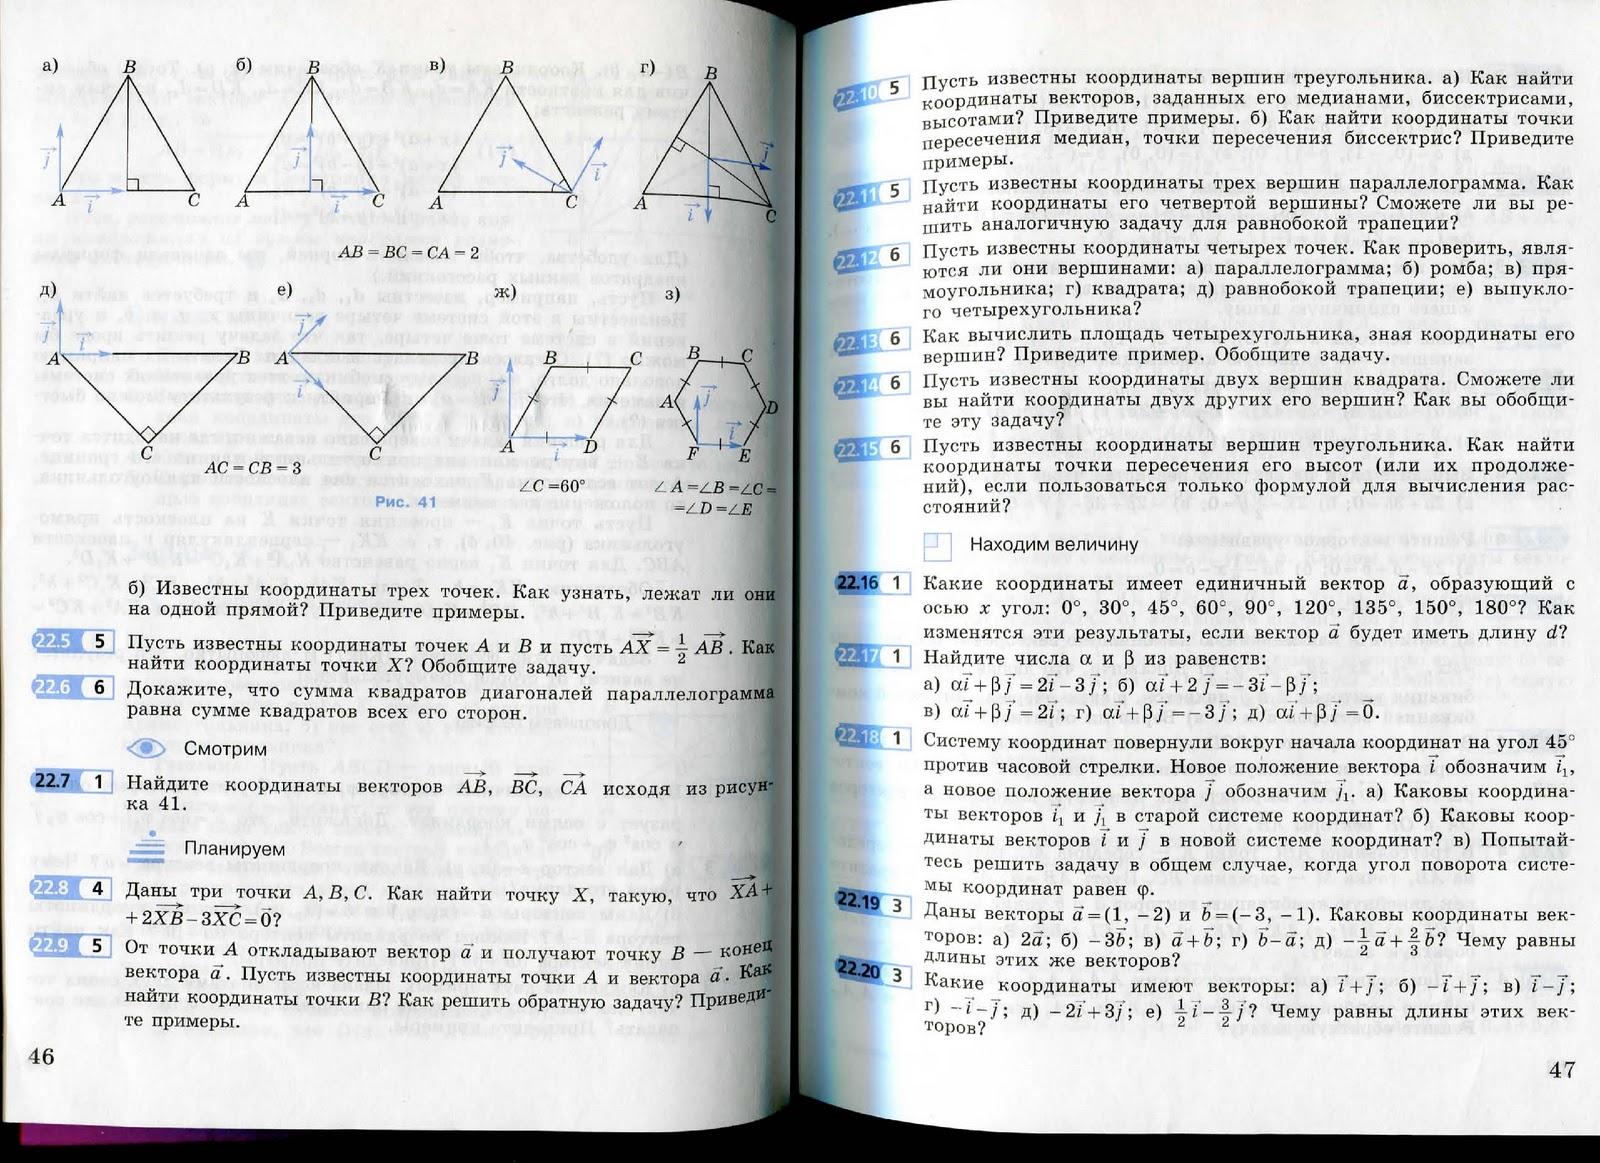 Теоретическая механика: решебник яблонского: кинематика точки к1